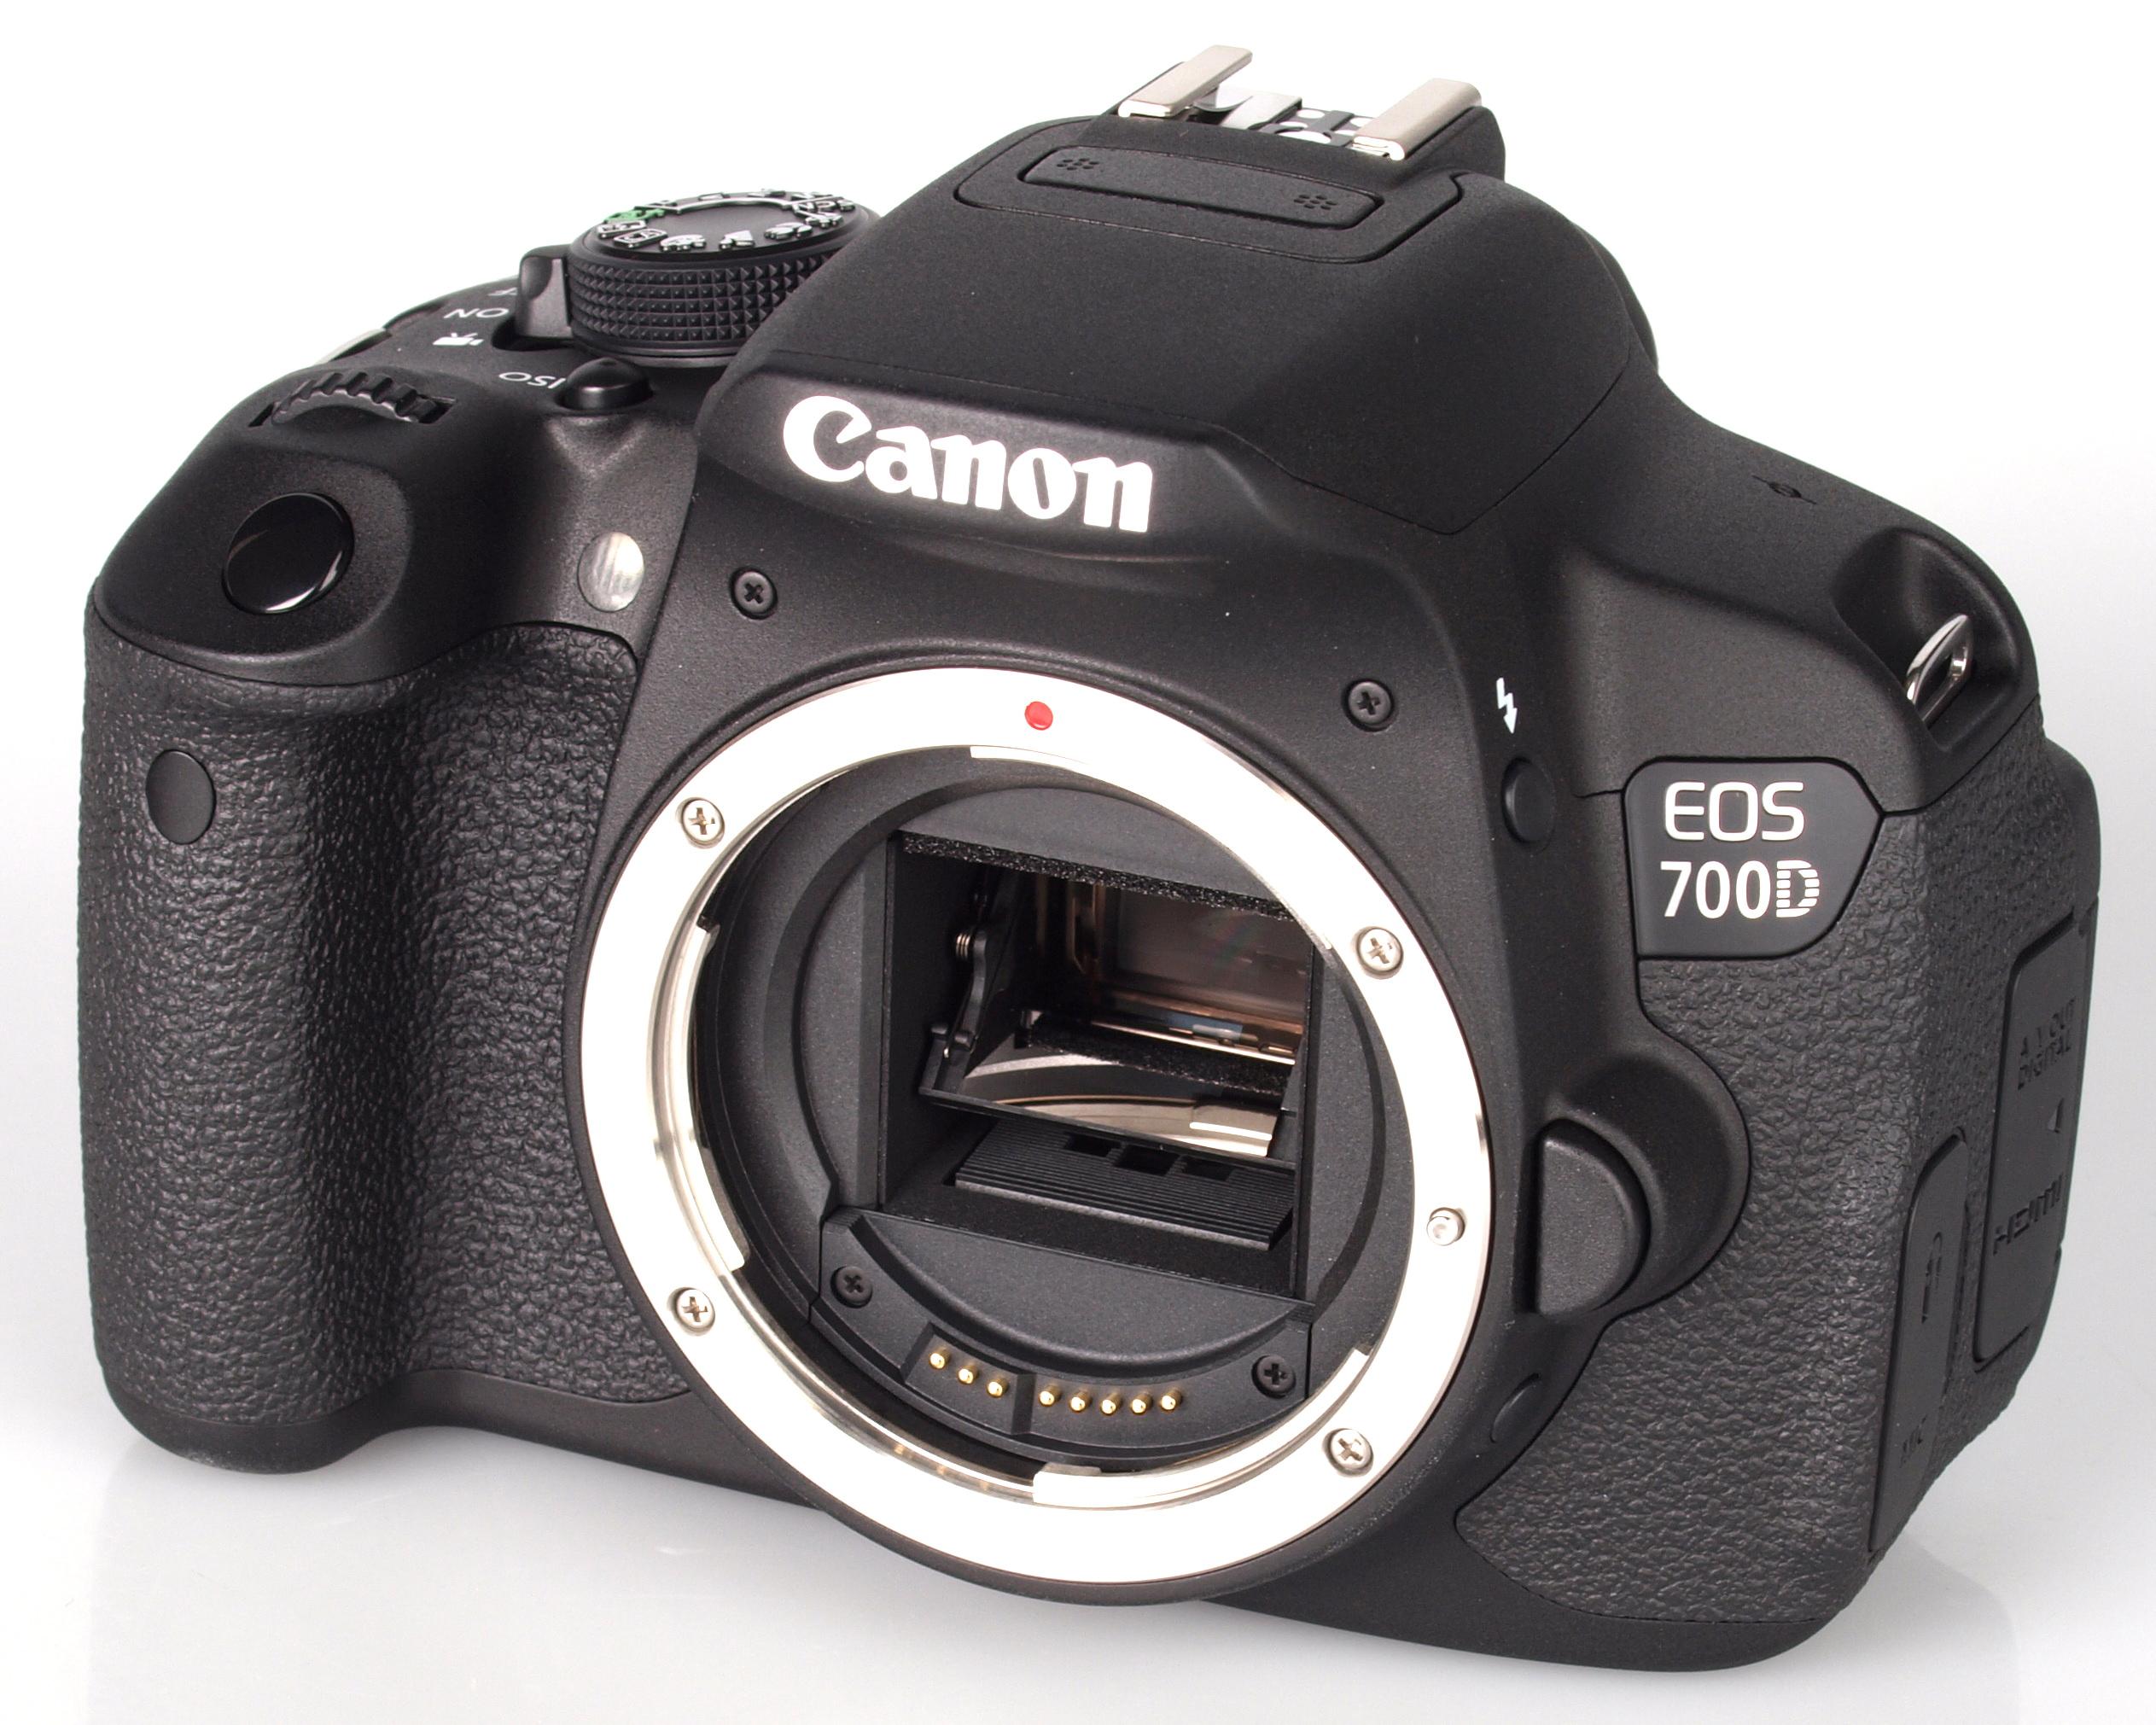 Canon EOS 700D Digital SLR Review